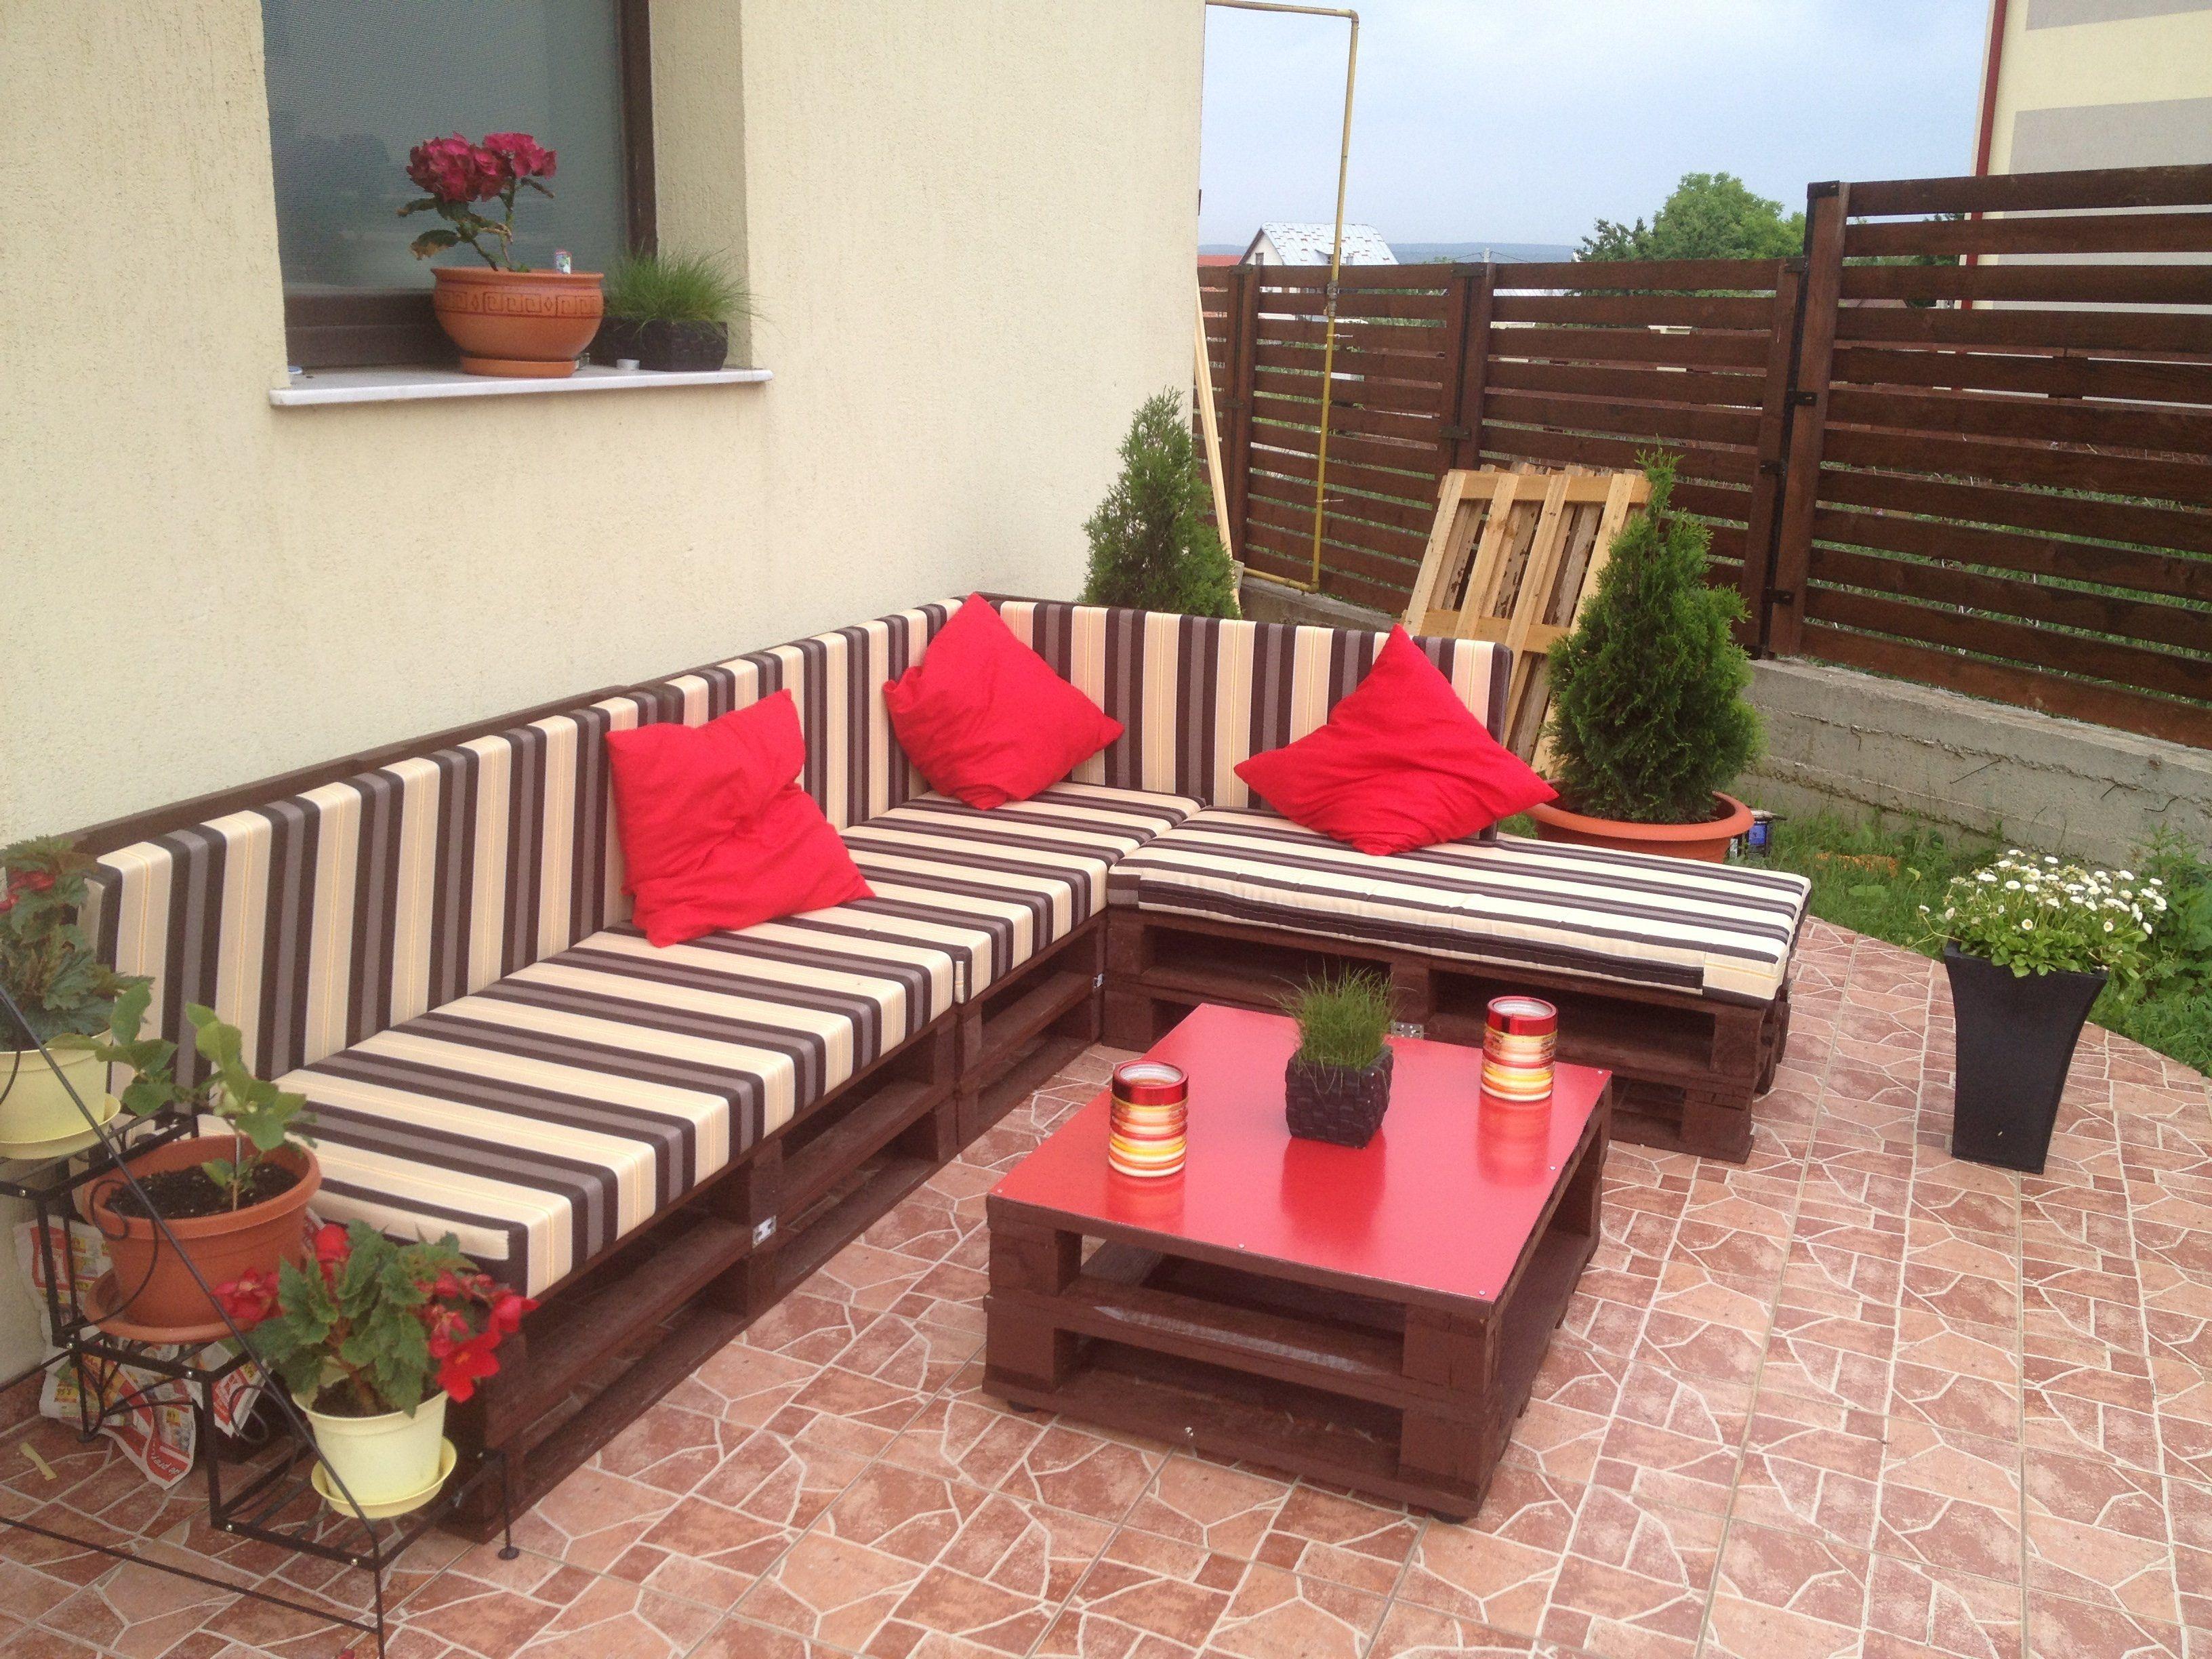 3 Steps To Make This Pallet Sofa | Europaletten möbel, Pergola und ...